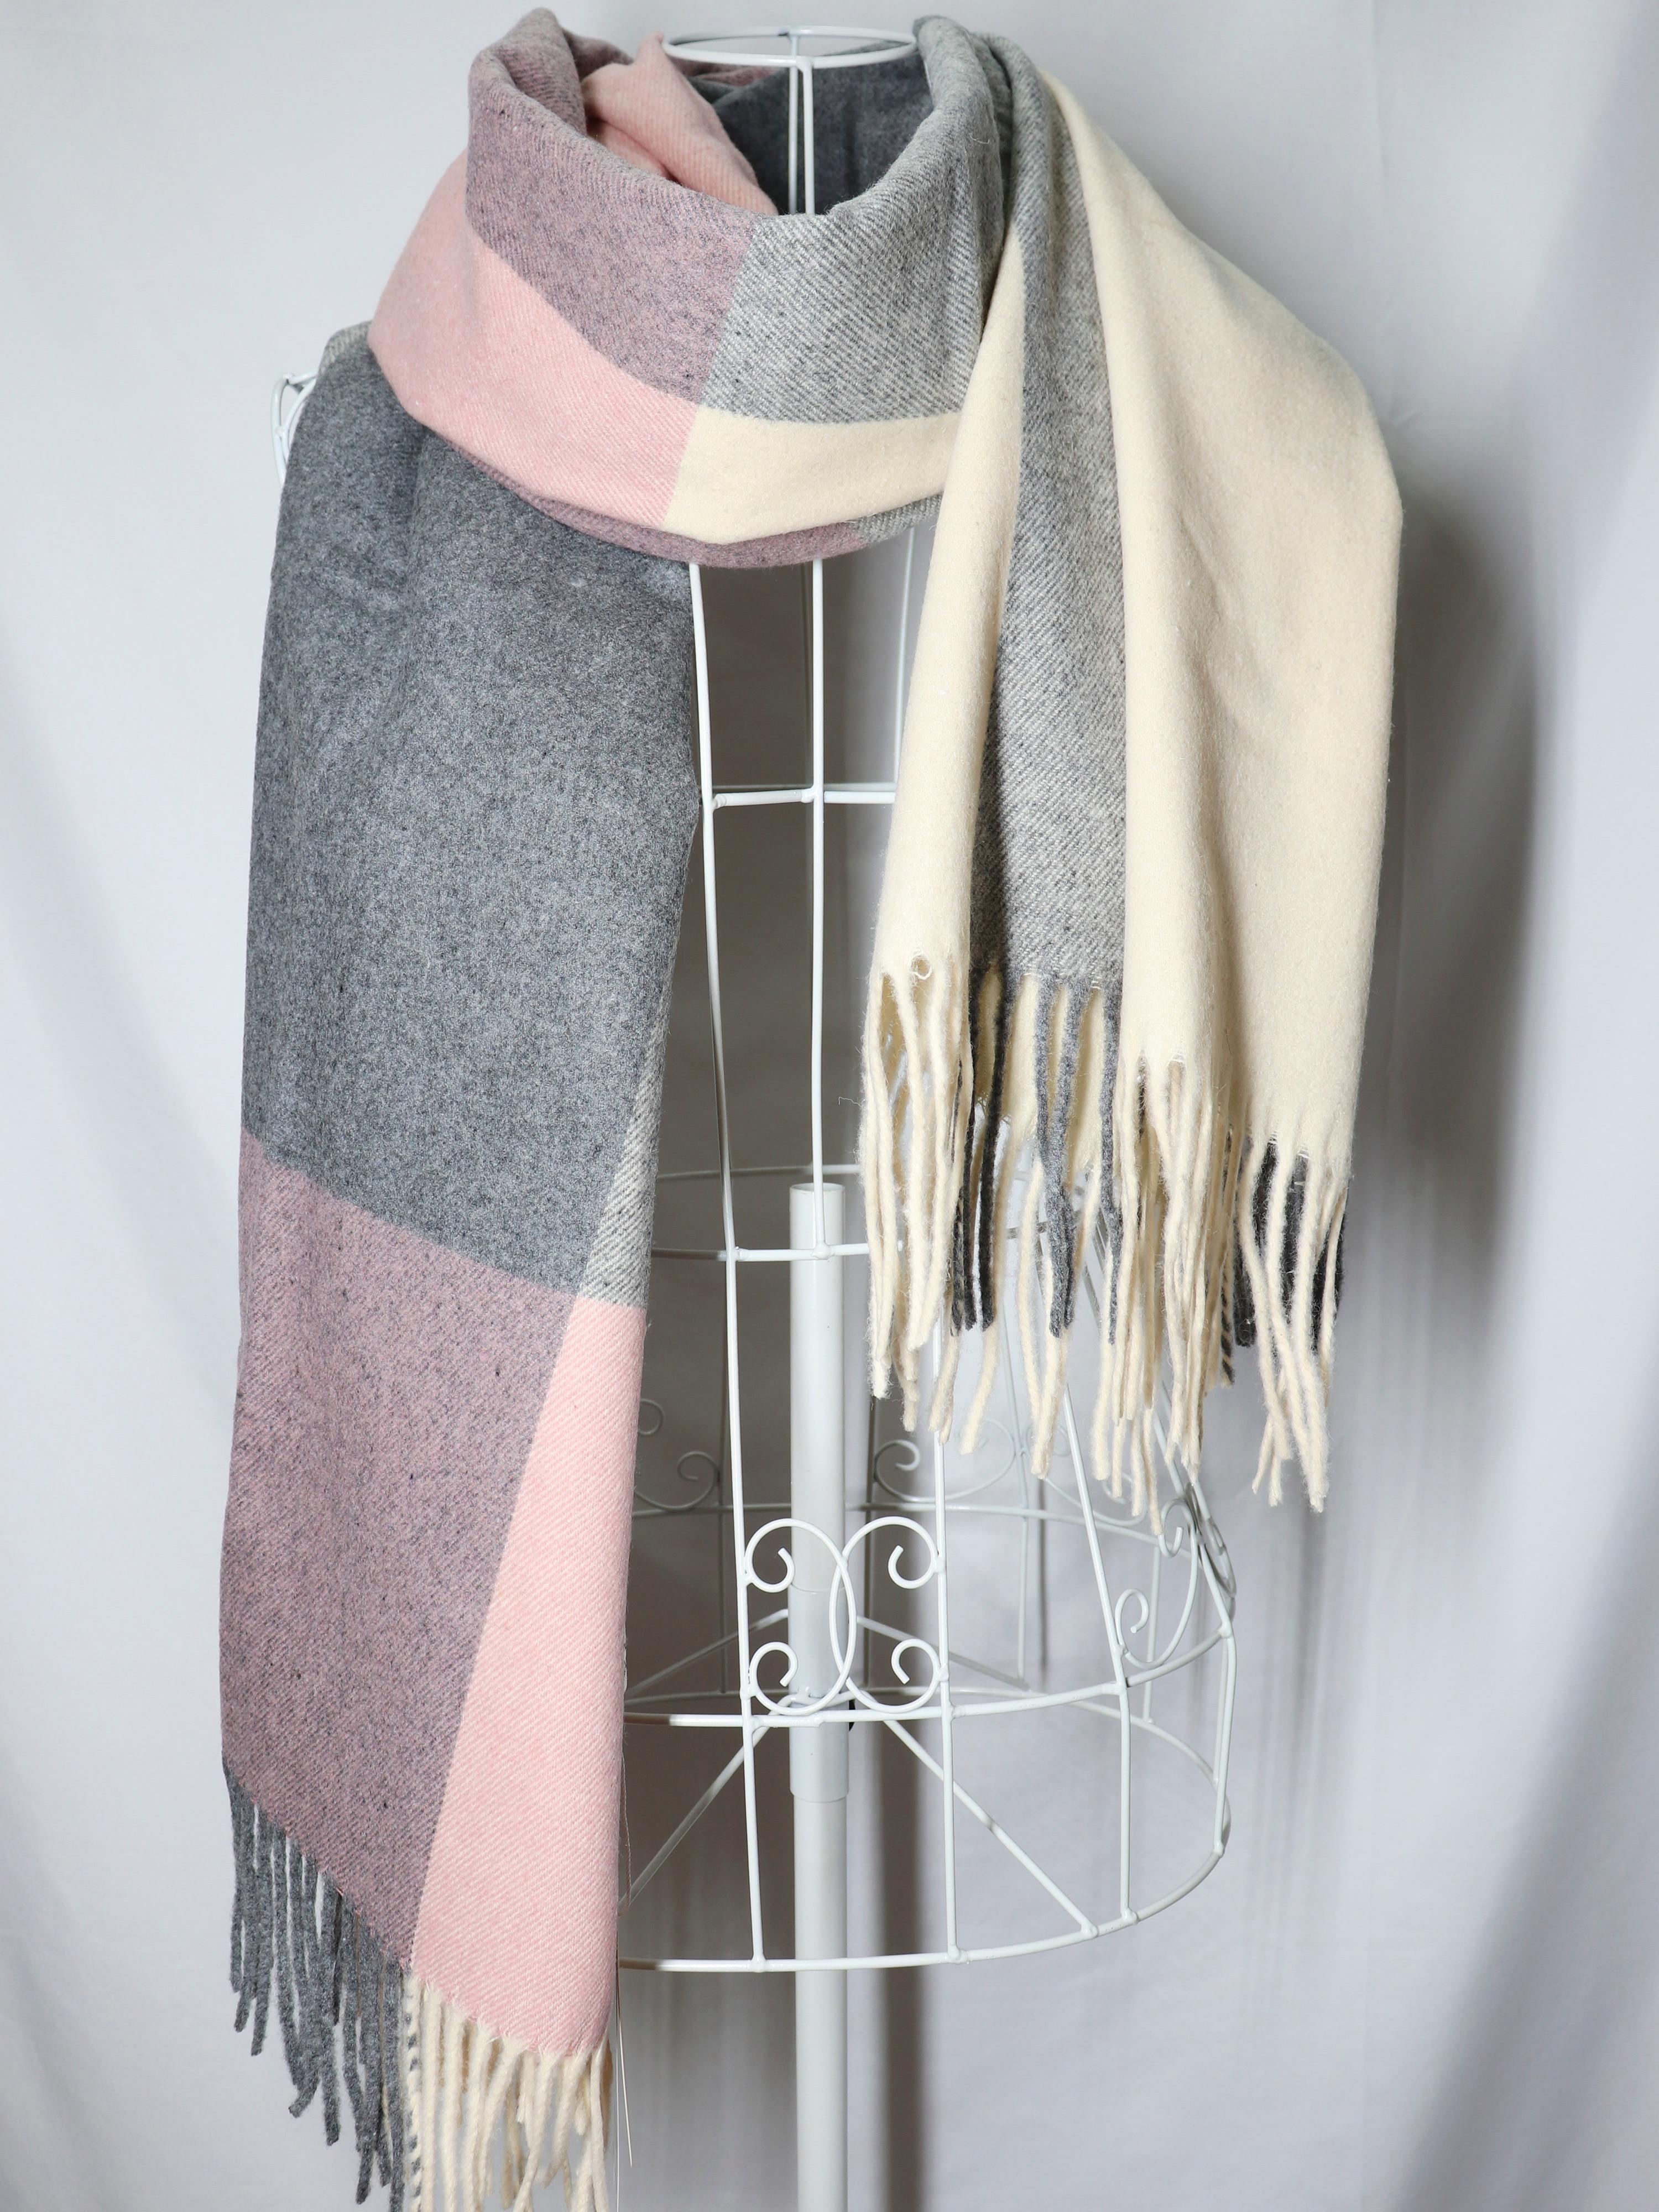 Новинка 2019, осенний и зимний шерстяной клетчатый шарф, Женский высококачественный длинный стильный универсальный шарф, утолщенная теплая